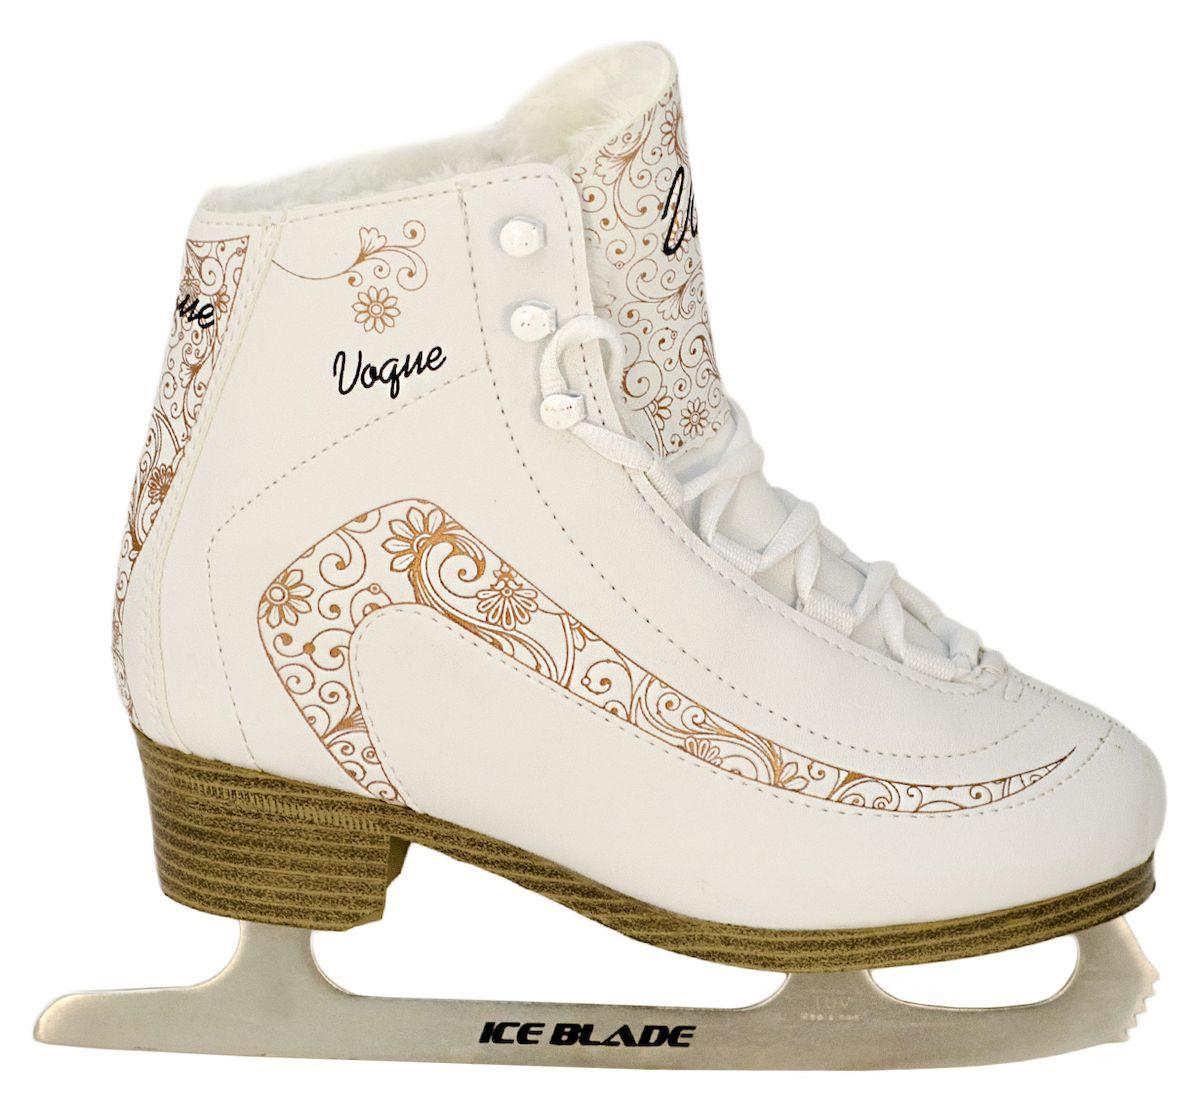 Коньки фигурные Ice Blade Vogue, цвет: белый, золотой. УТ-00006871. Размер 41